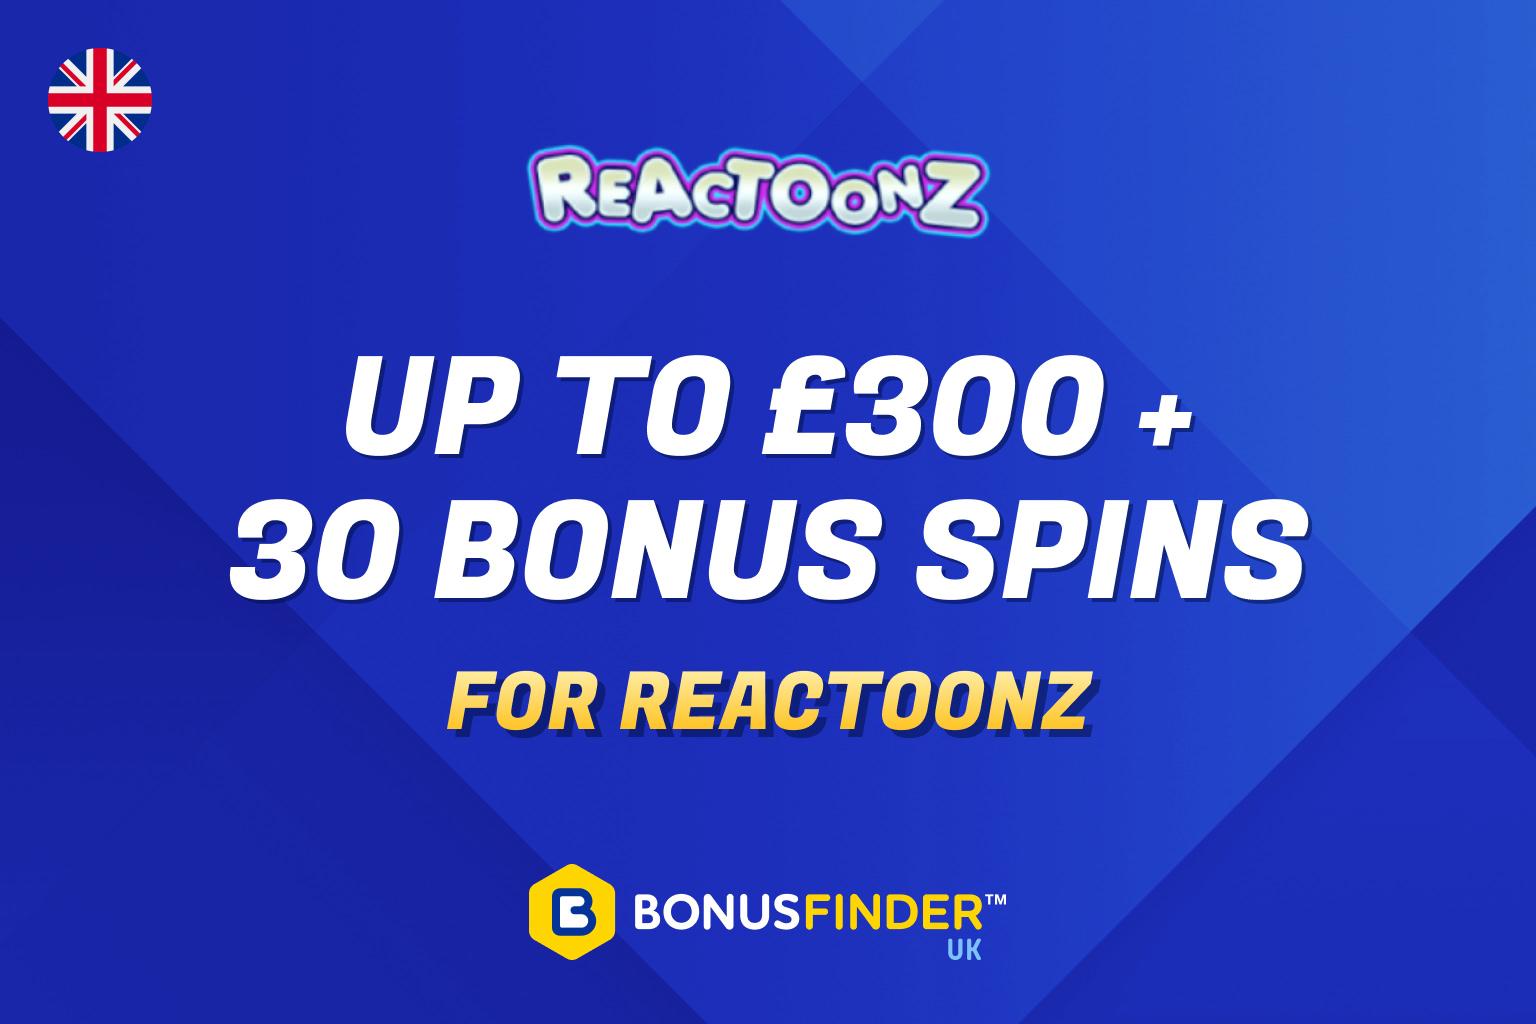 reactoonz free spins